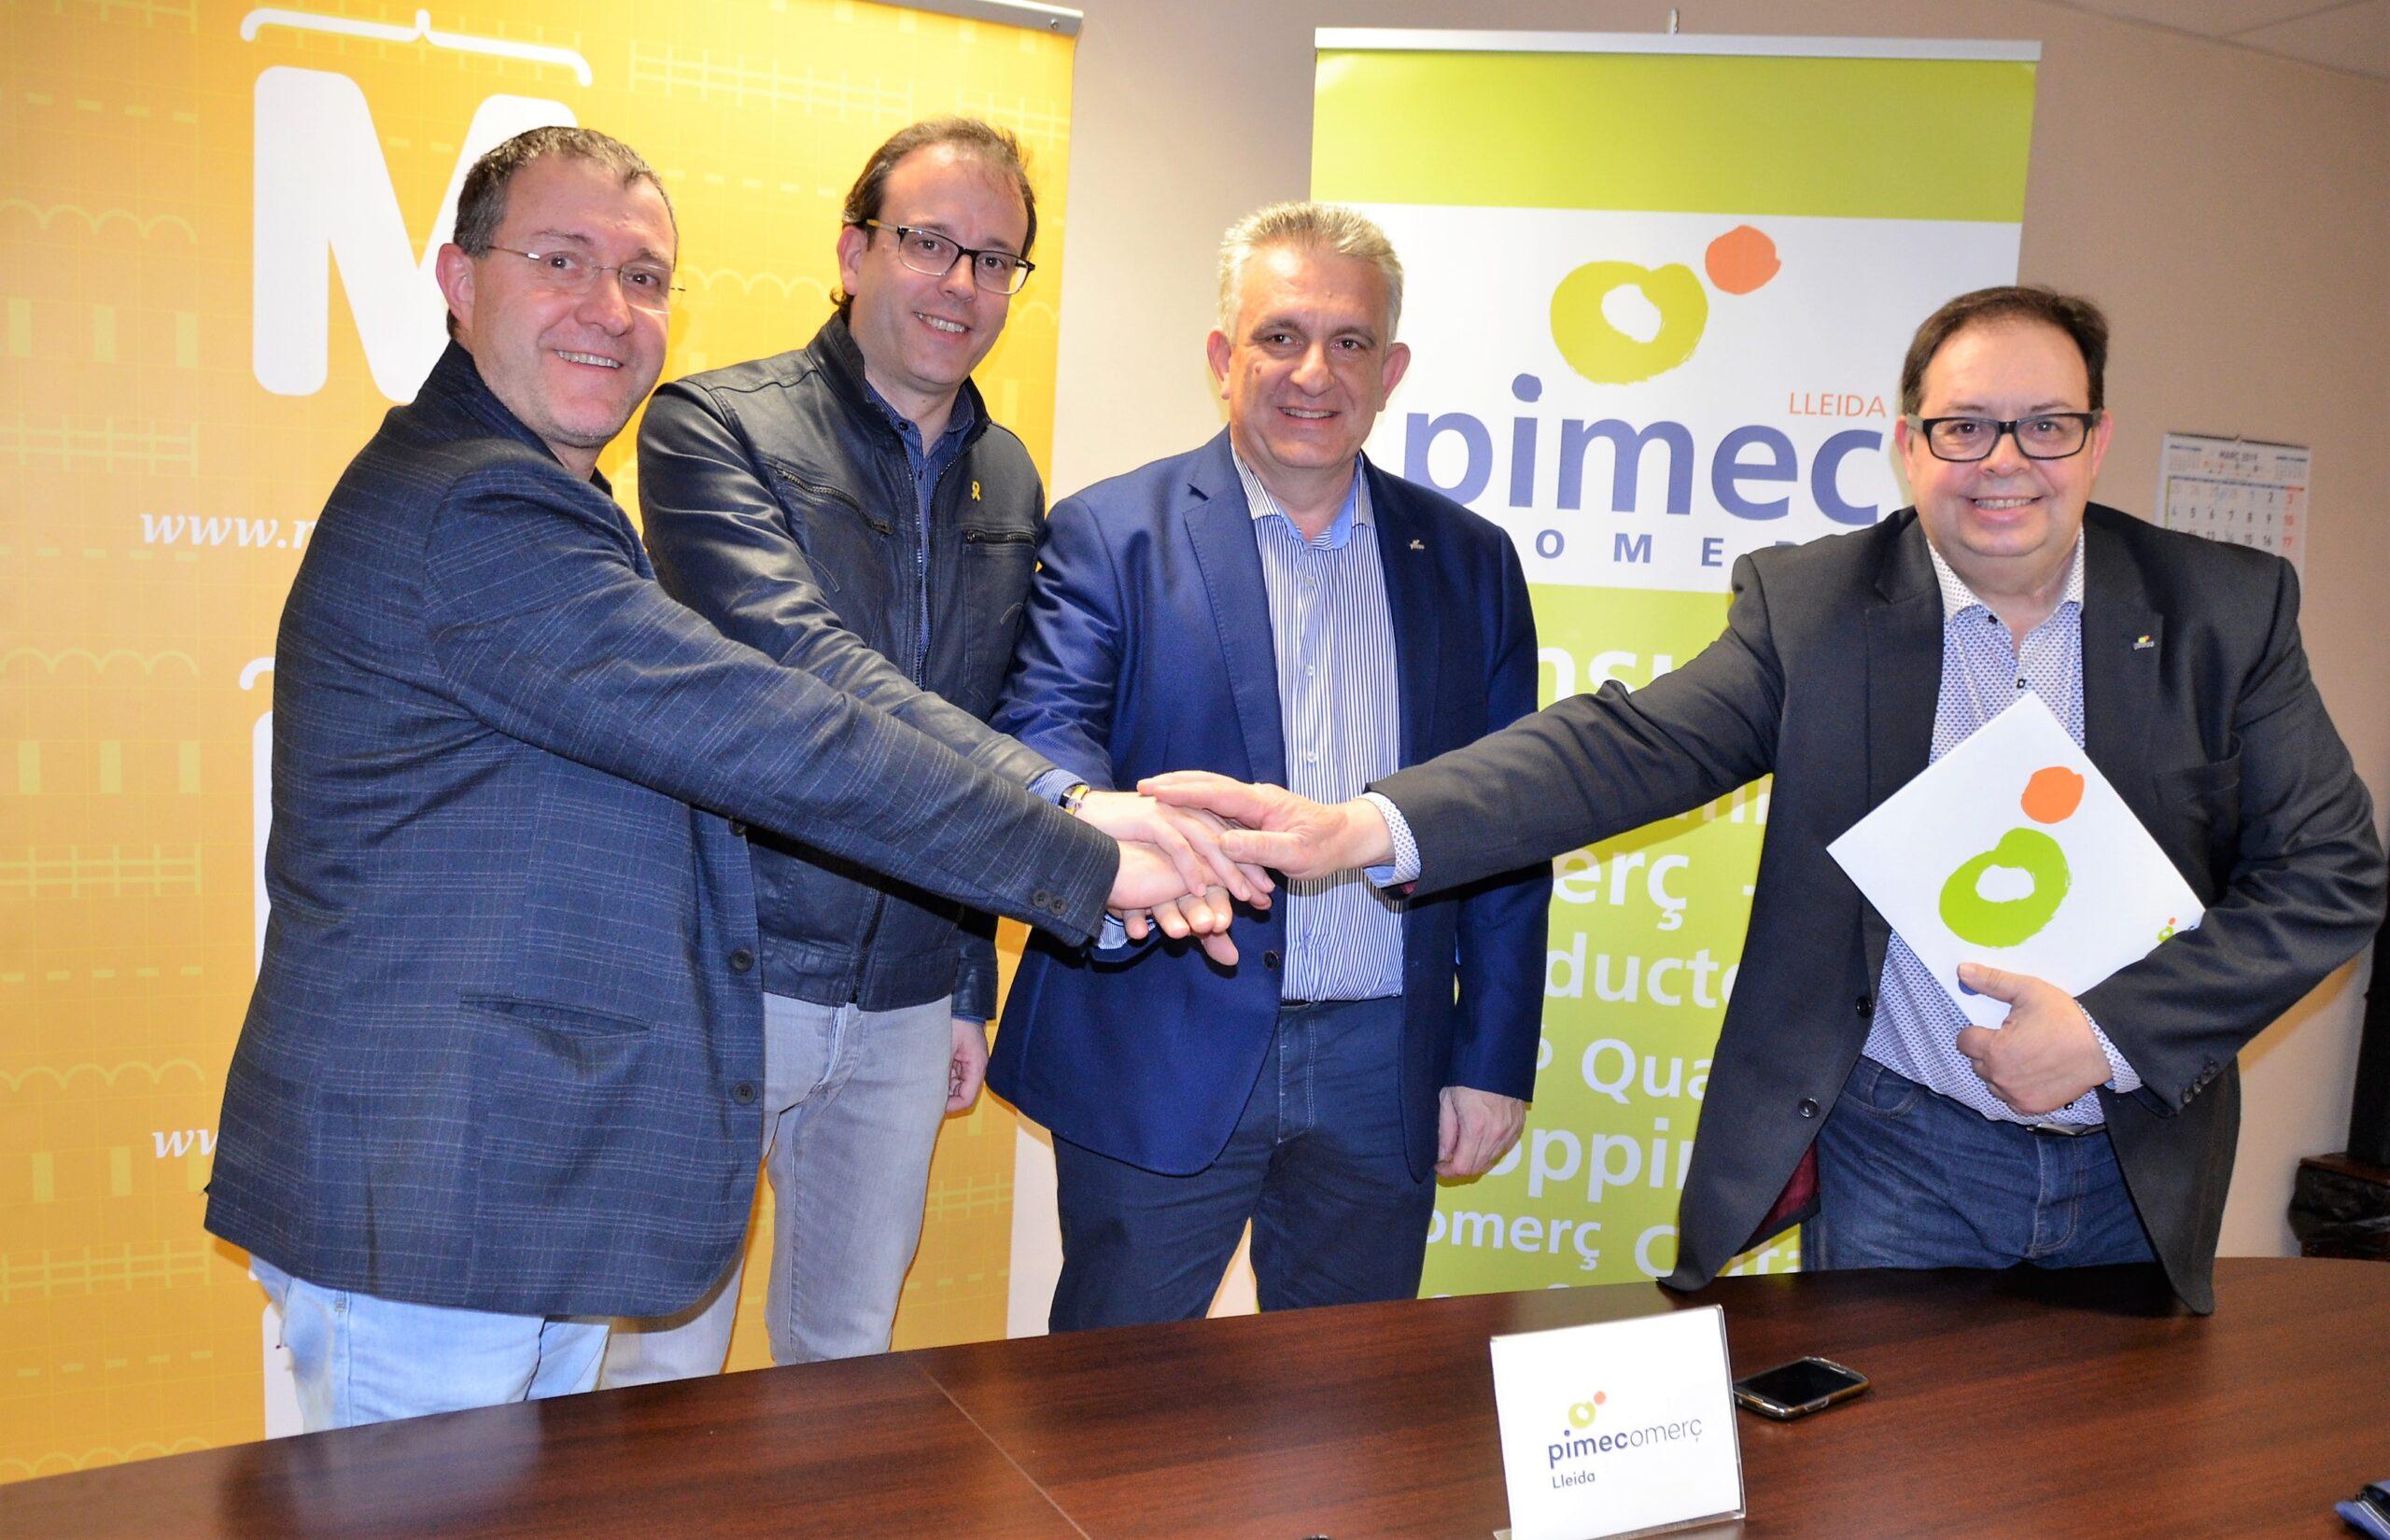 conveni Pimec 1